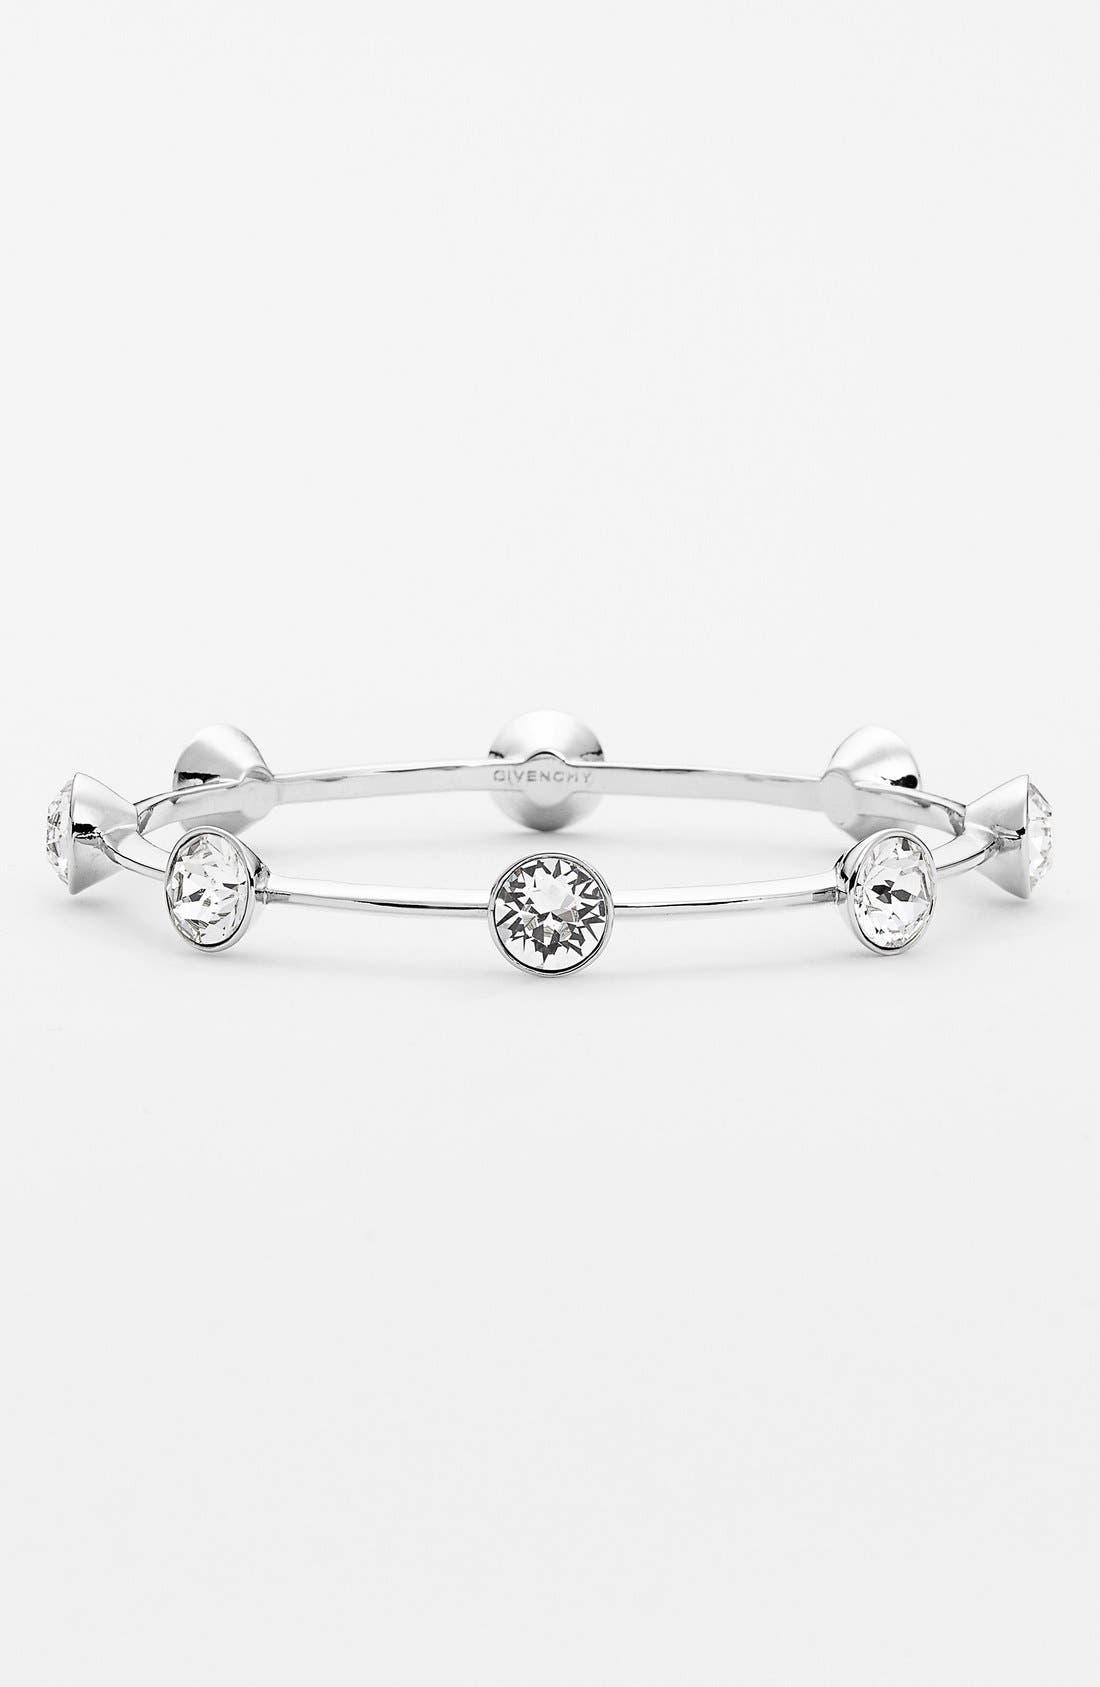 Main Image - Givenchy Crystal Skinny Bangle